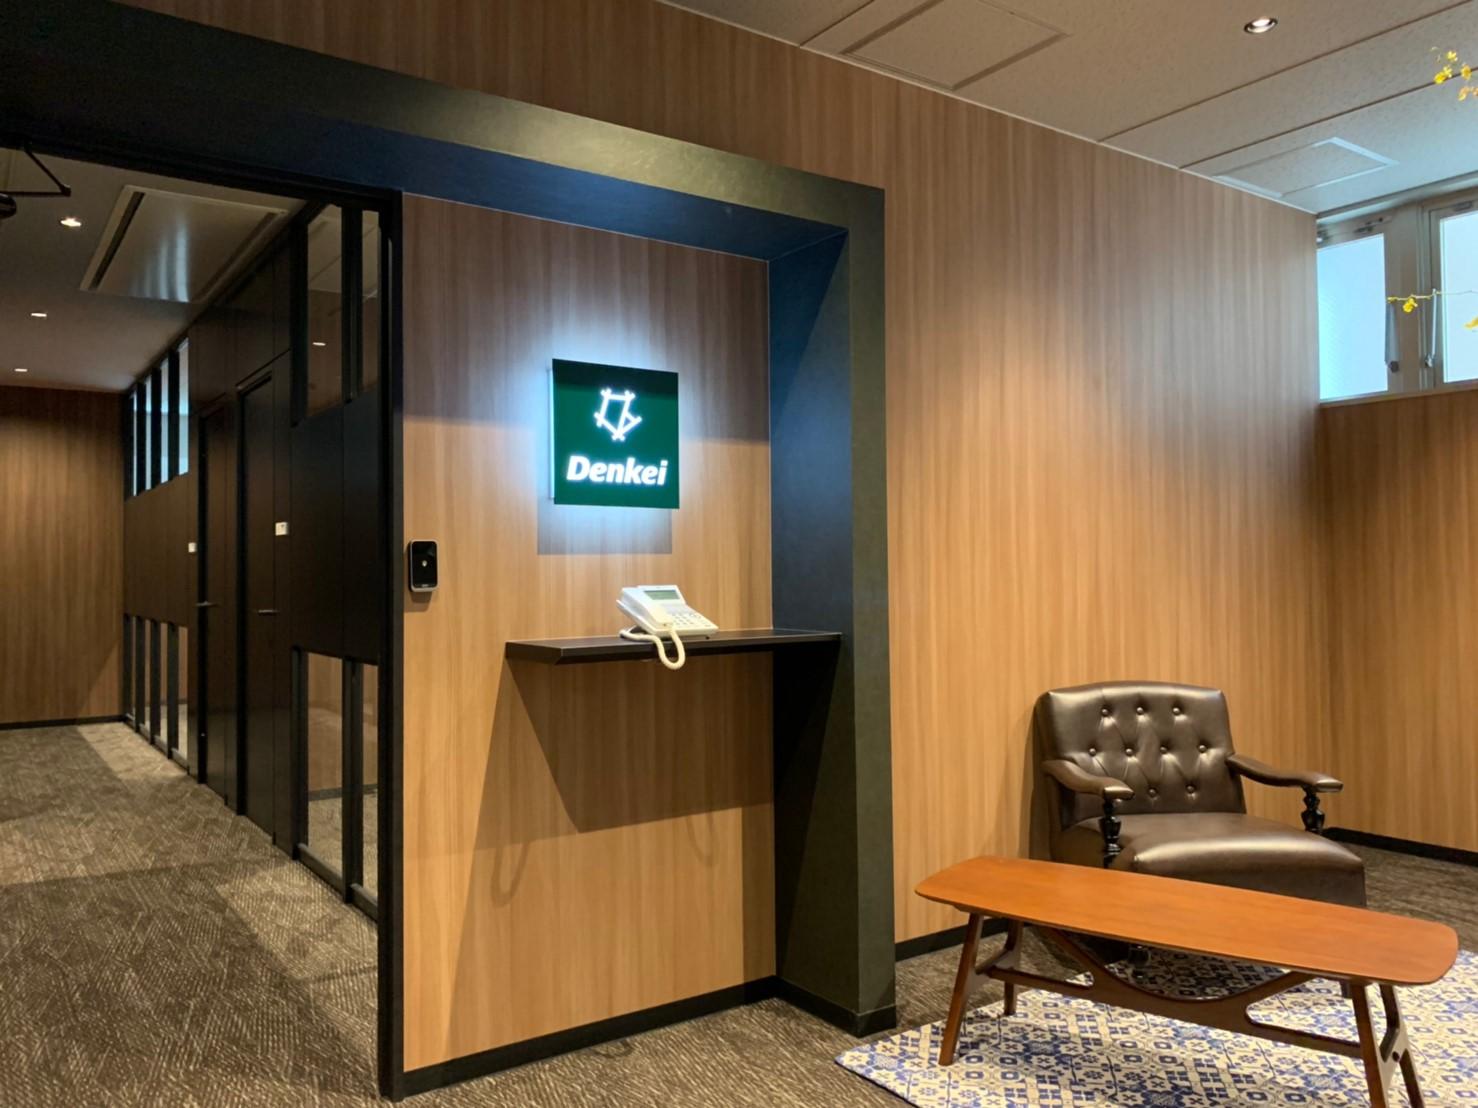 木目とブラックを基調とした、シックでスタイリッシュなオフィス空間